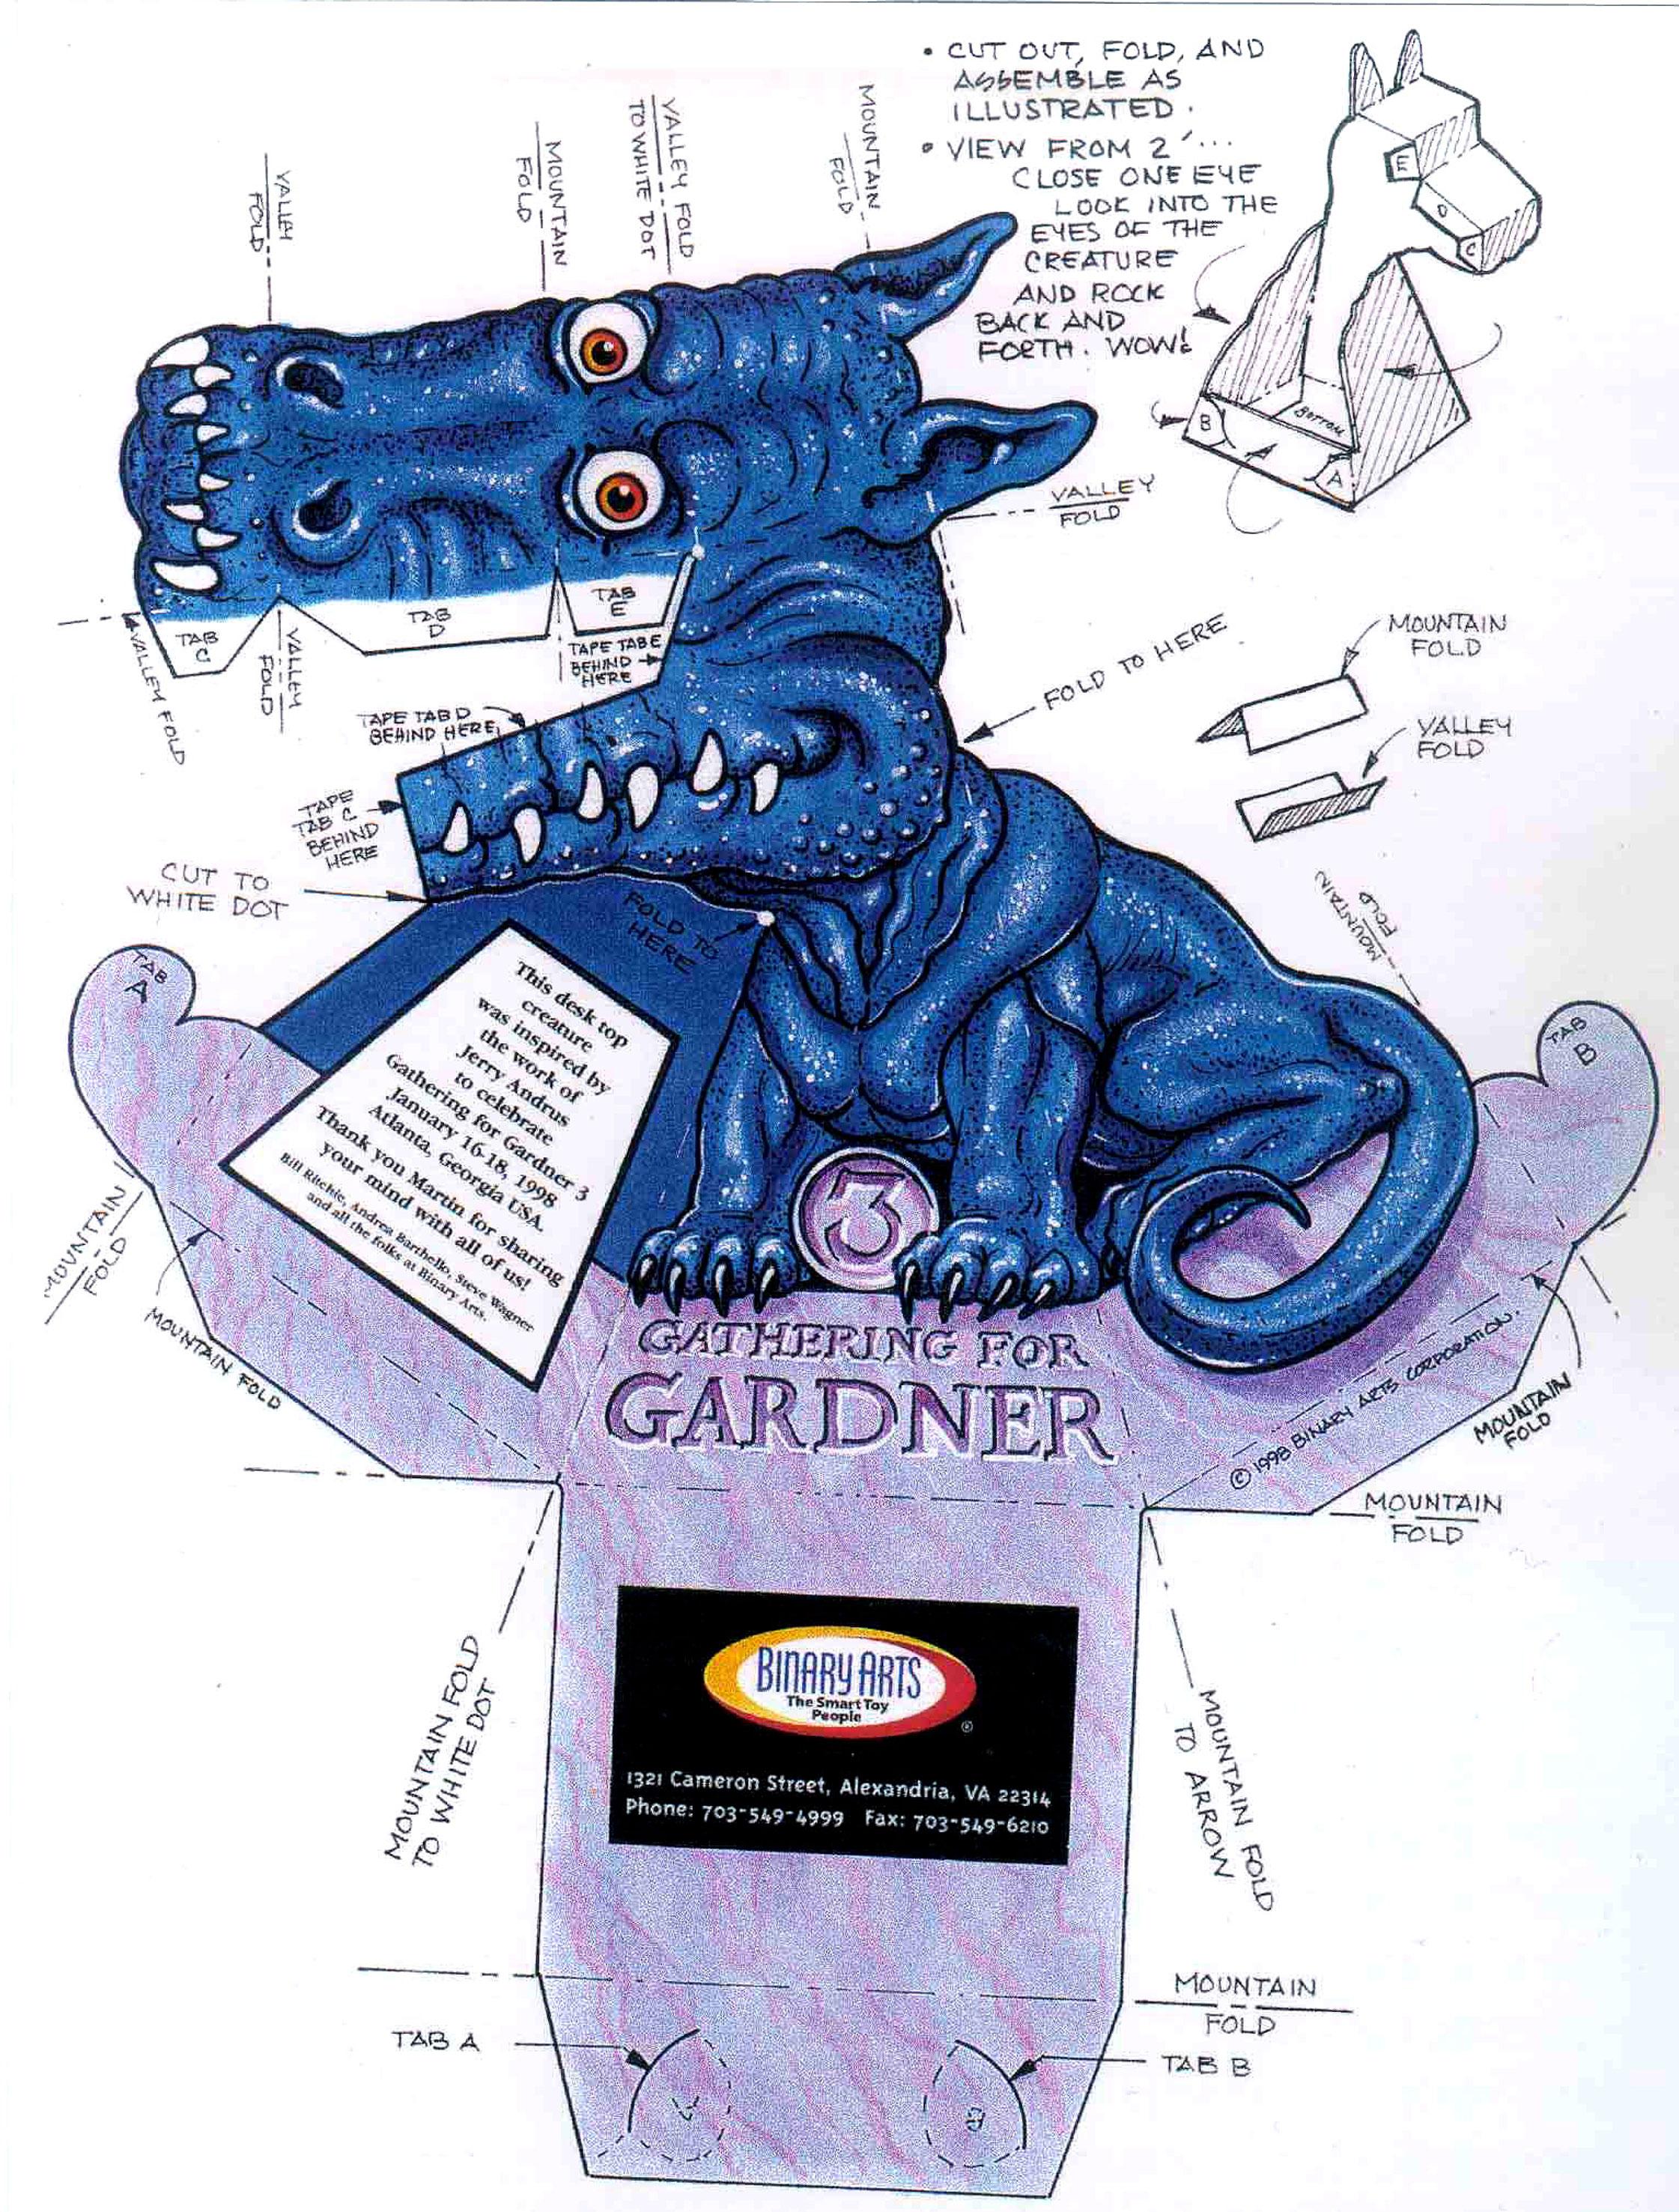 Сообщение отредактировал пользователь JuliaK - 22.11.2011, 14:12.  Дракончики из бумаги от Джерри Эндрюса с иллюзией...